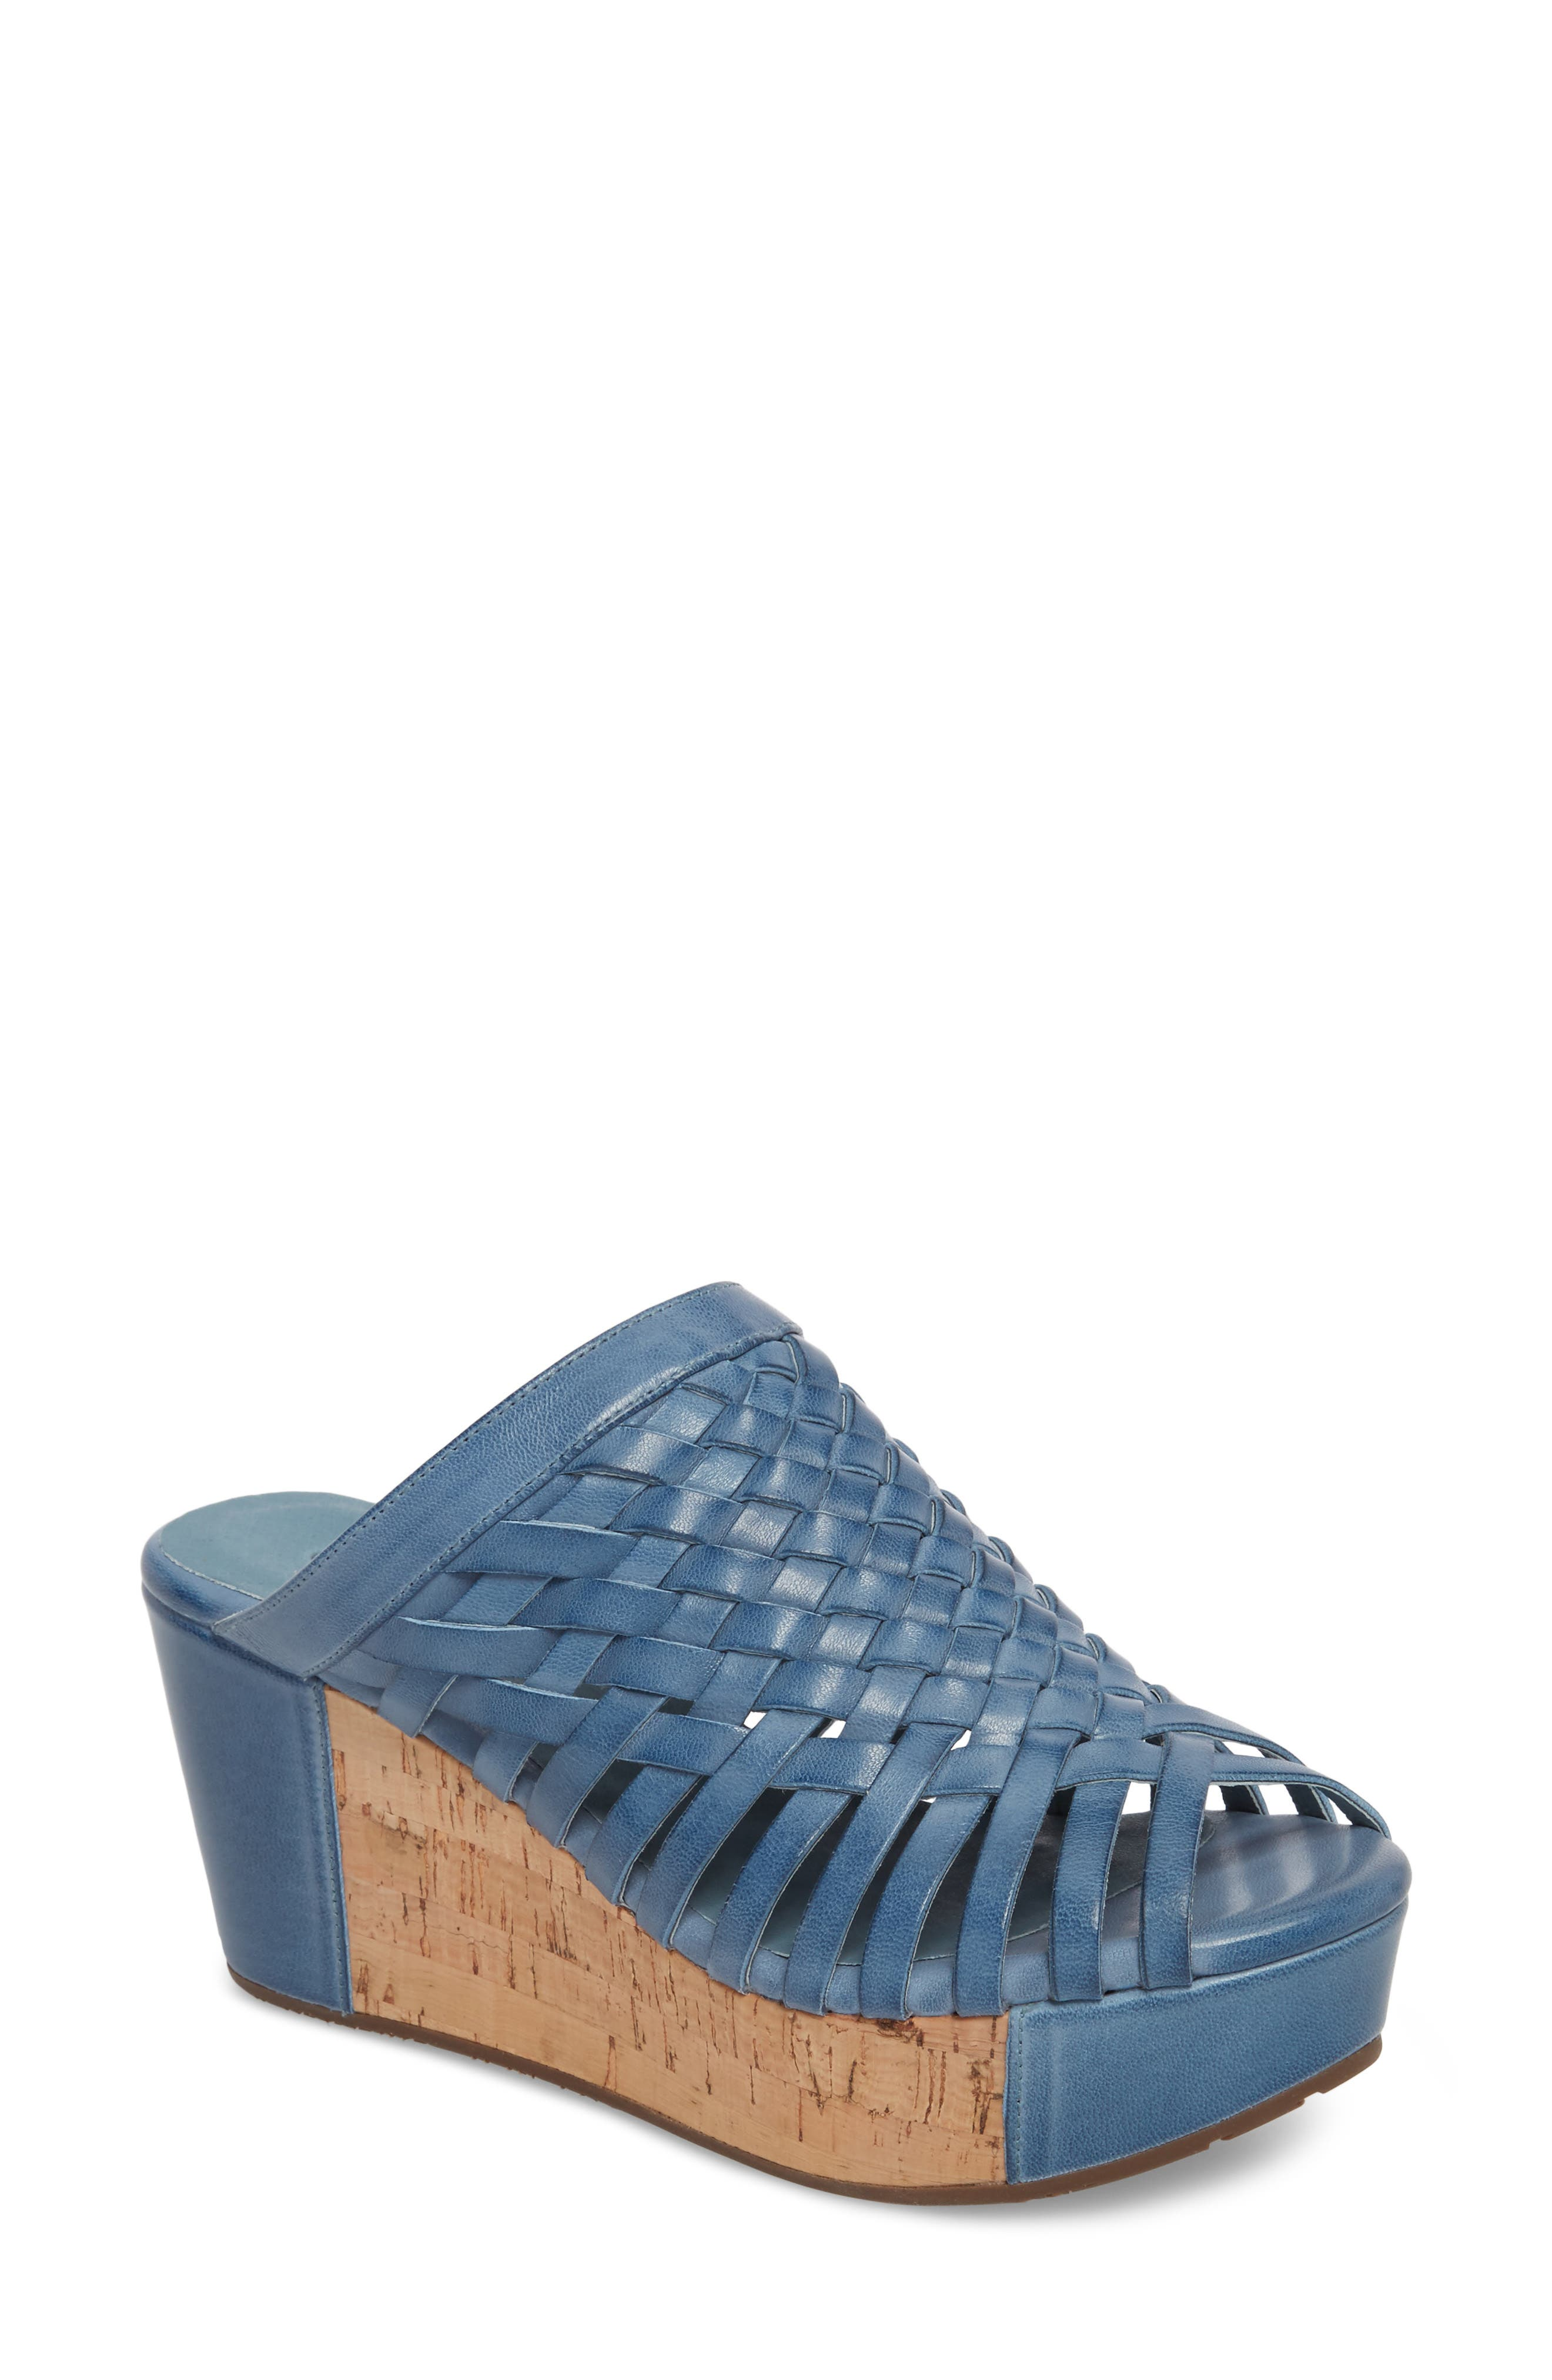 Alternate Image 1 Selected - Chocolat Blu Walda Platform Wedge Sandal (Women)